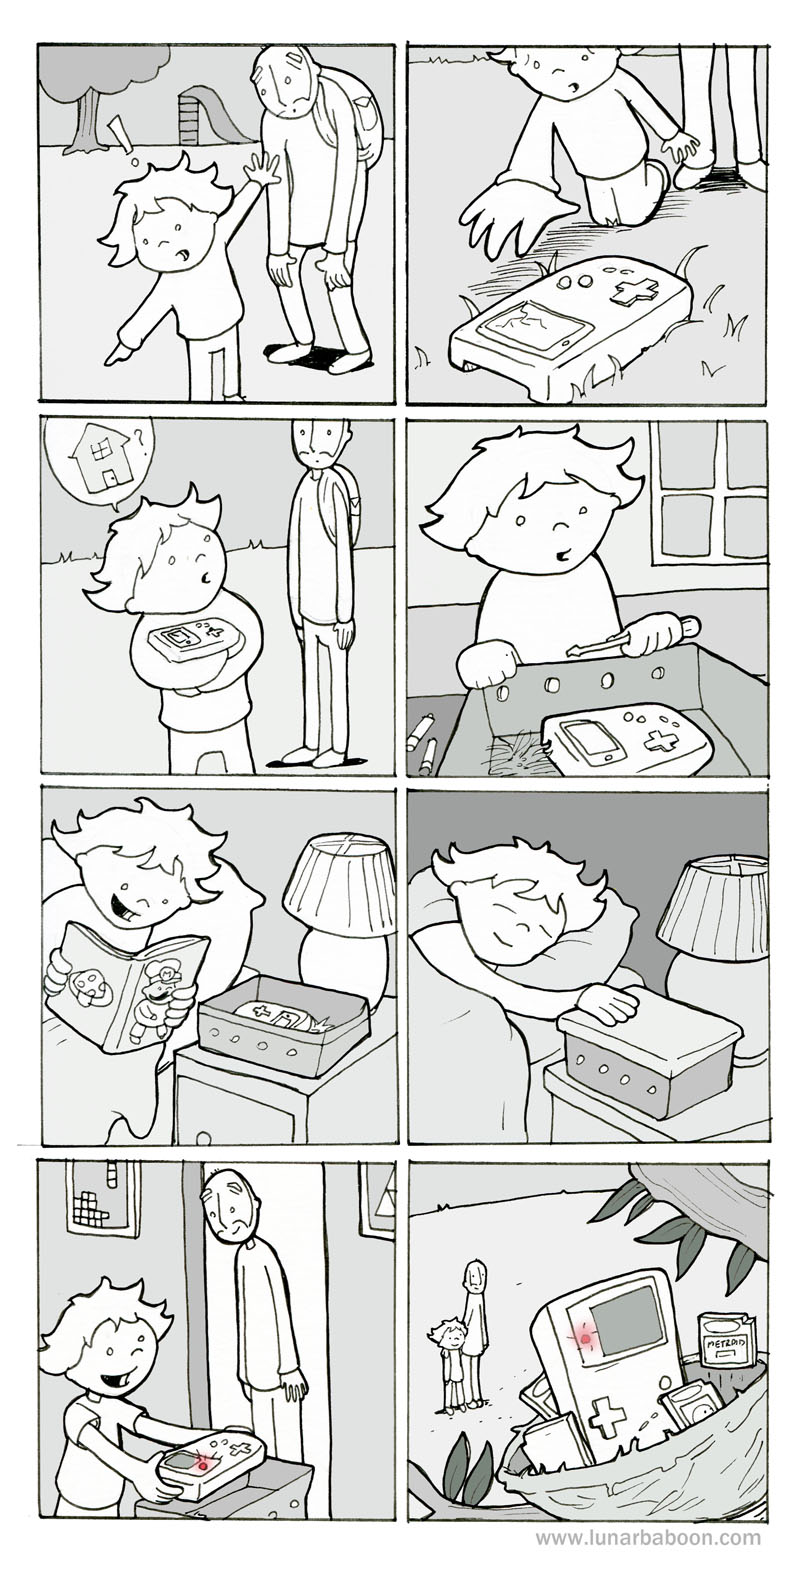 Una historia con final feliz